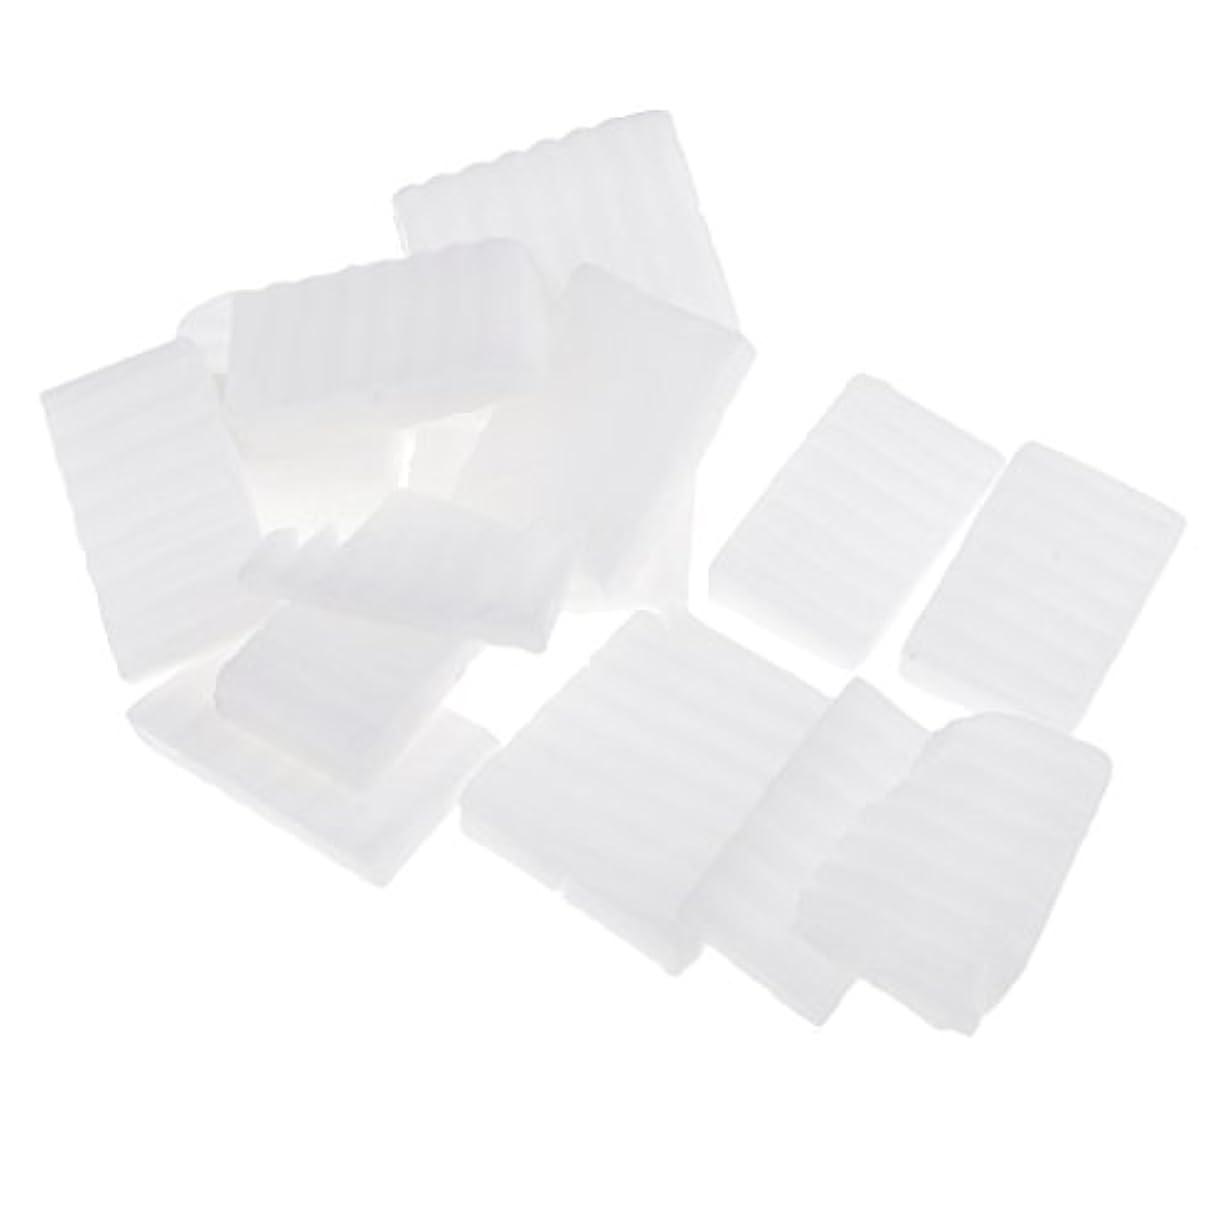 マトンダイアクリティカル文白い 石鹸ベース DIY 手作り 石鹸 材料 約500g 手作り 石鹸のため